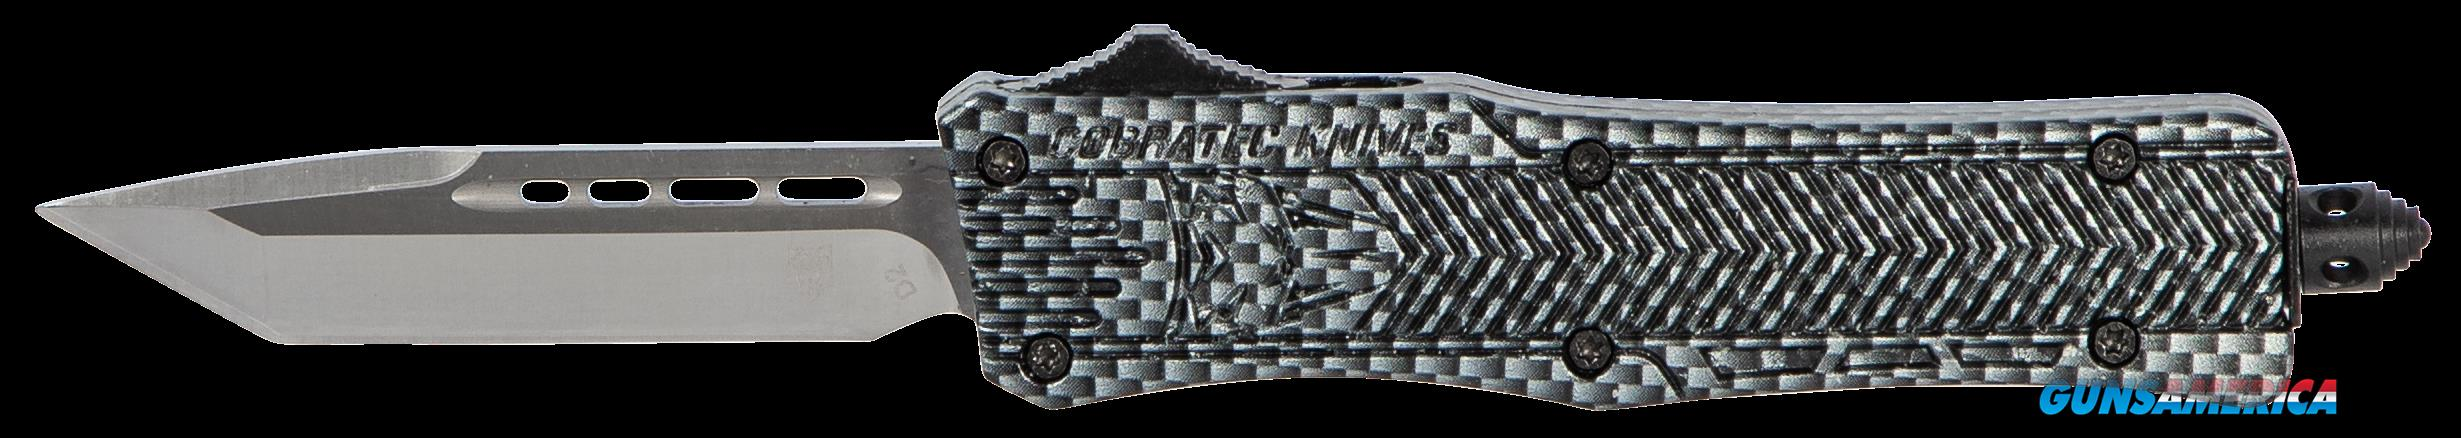 Cobra Tec Knives Llc Ctk-1, Cobra Scfctk1stns    Sml Ctk1 Tanto Carbon Fiber  Guns > Pistols > 1911 Pistol Copies (non-Colt)